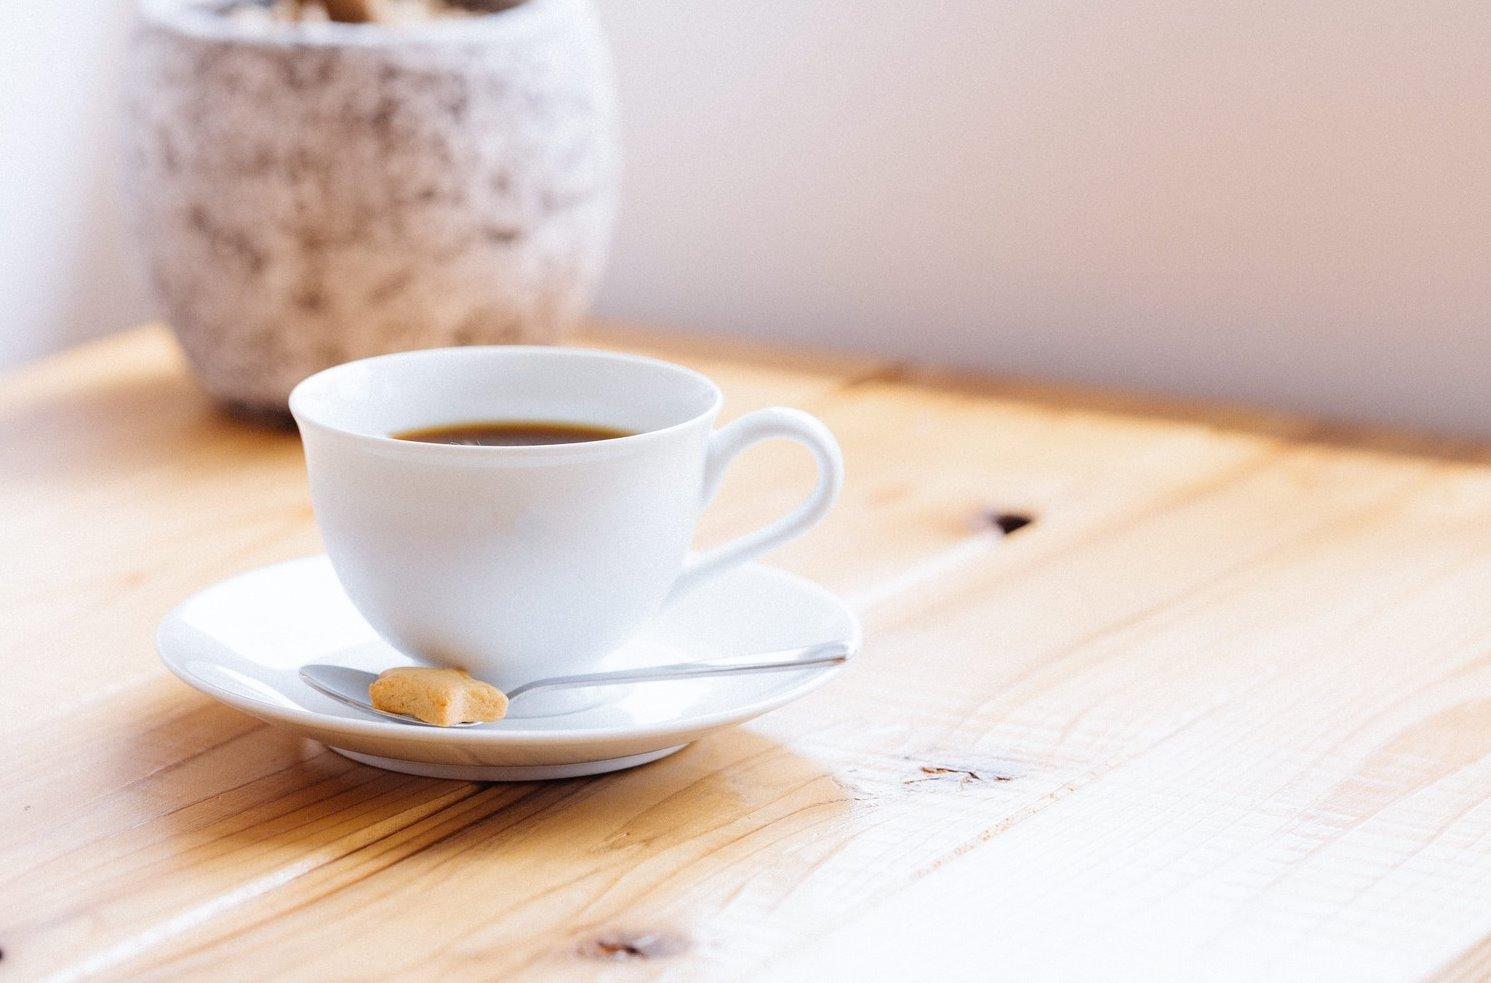 大阪.梅田,堂島,カフェ,コーヒー